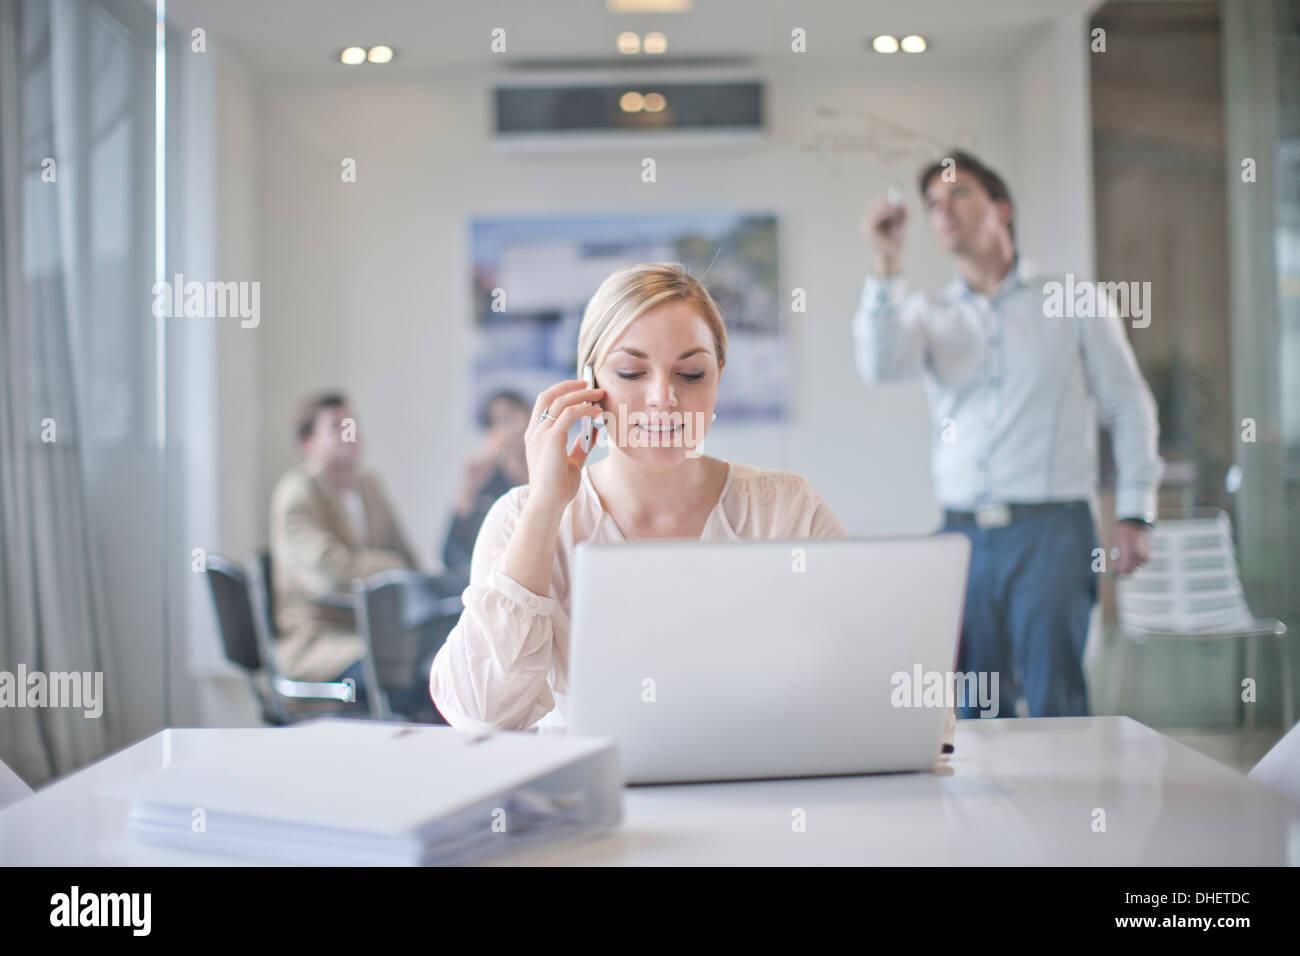 Donna seduta presso la sala conferenze tabella utilizzando il computer portatile e il telefono cellulare, i colleghi che lavorano in background Immagini Stock